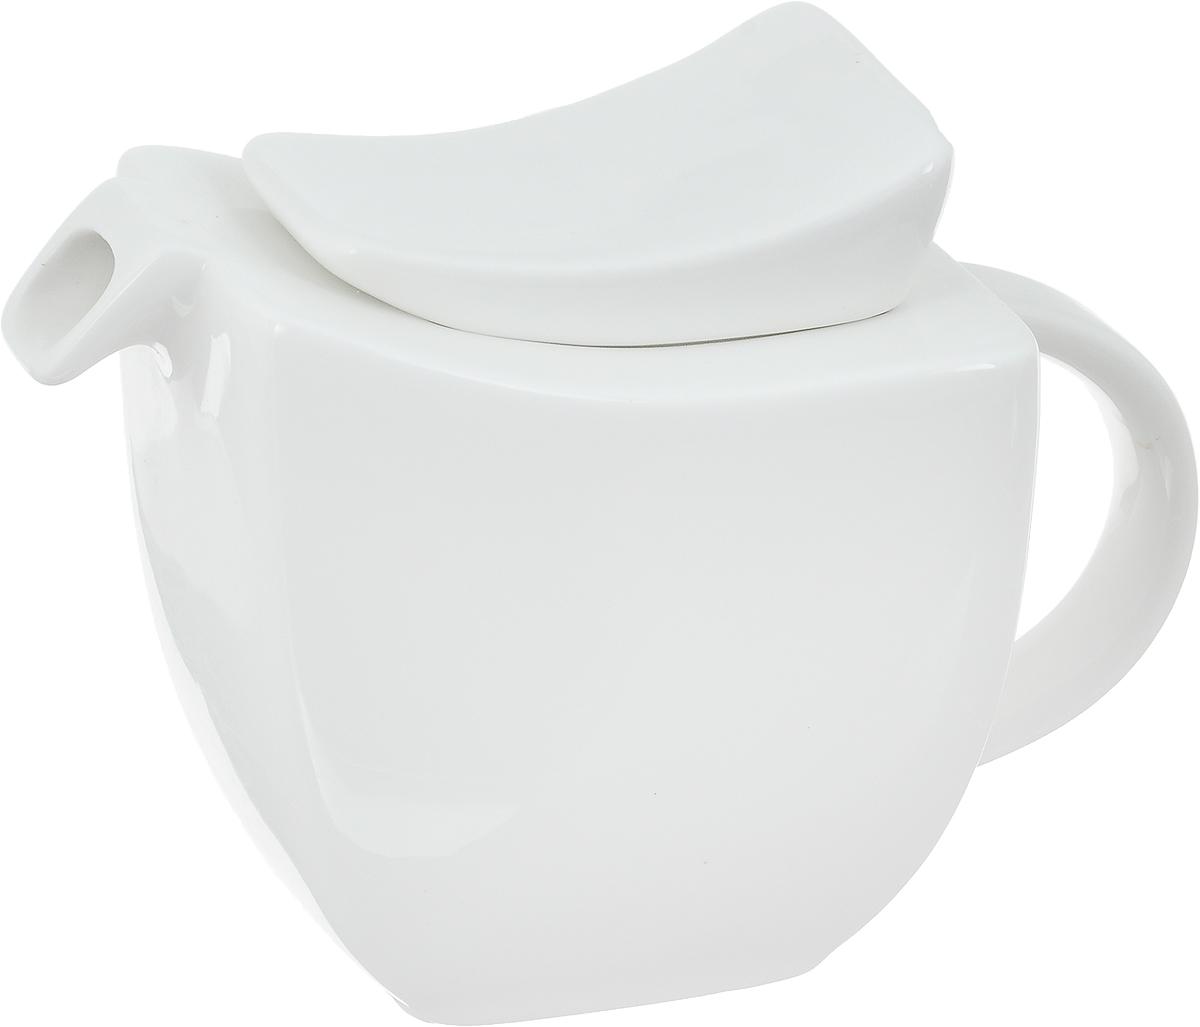 Чайник заварочный Ariane Rectangle, 400 млAVRARN62040Заварочный чайник Ariane Rectangle изготовлен из высококачественного фарфора. Глазурованное покрытие обеспечивает легкую очистку. Изделие прекрасно подходит для заваривания вкусного и ароматного чая, а также травяных настоев. Оригинальный дизайн сделает чайник настоящим украшением стола. Он удобен в использовании и понравится каждому.Можно мыть в посудомоечной машине и использовать в микроволновой печи. Размер чайника (по верхнему краю): 8,5 х 10,5 см. Высота чайника (без учета крышки): 9 см. Высота чайника (с учетом крышки): 12 см.